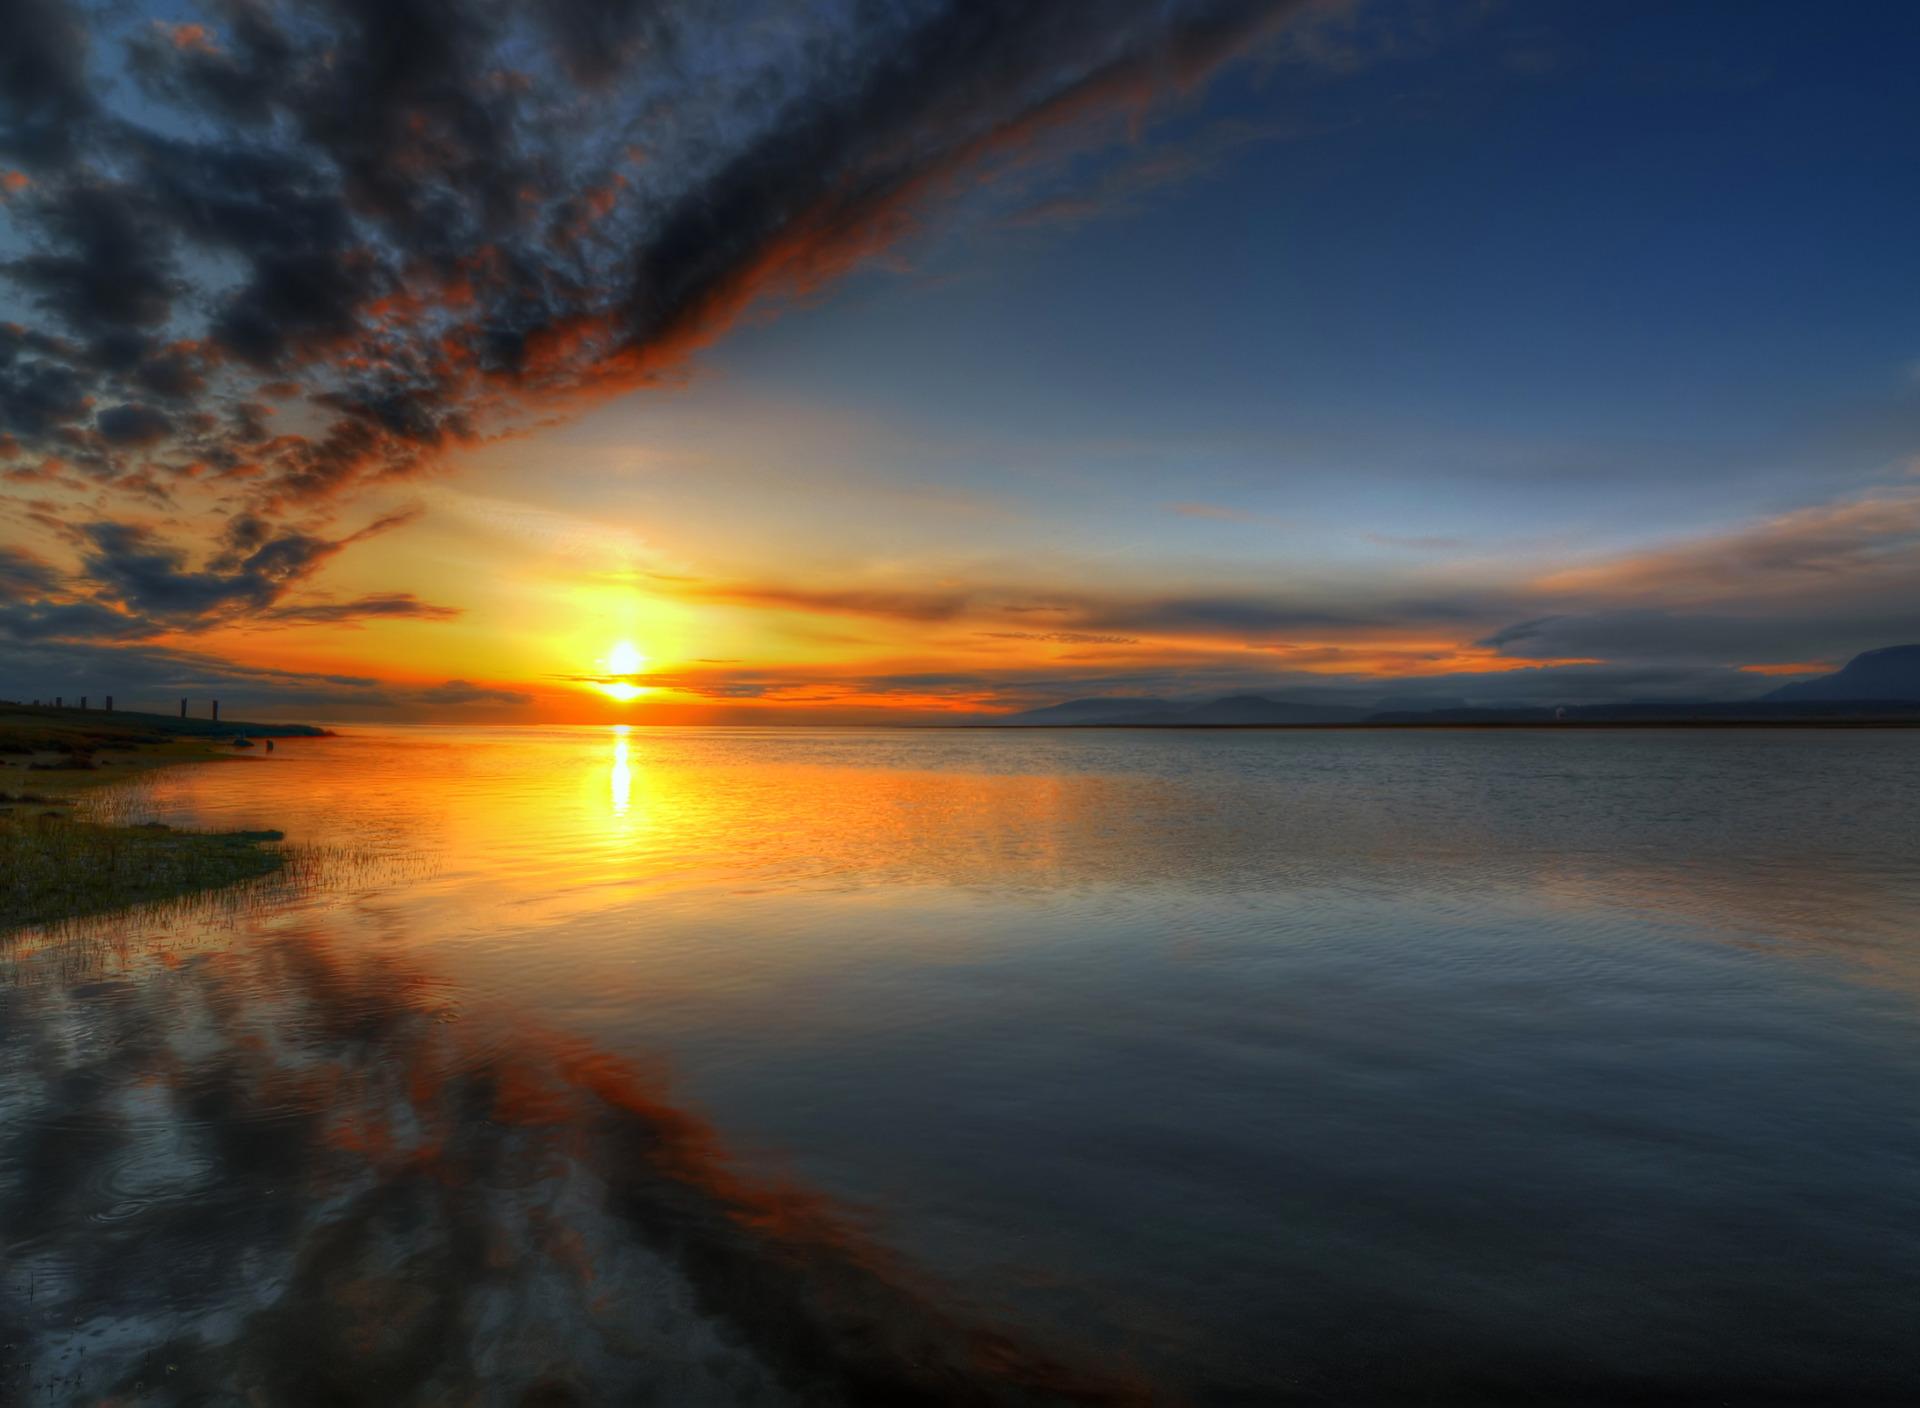 фото закат рассвет вода получили